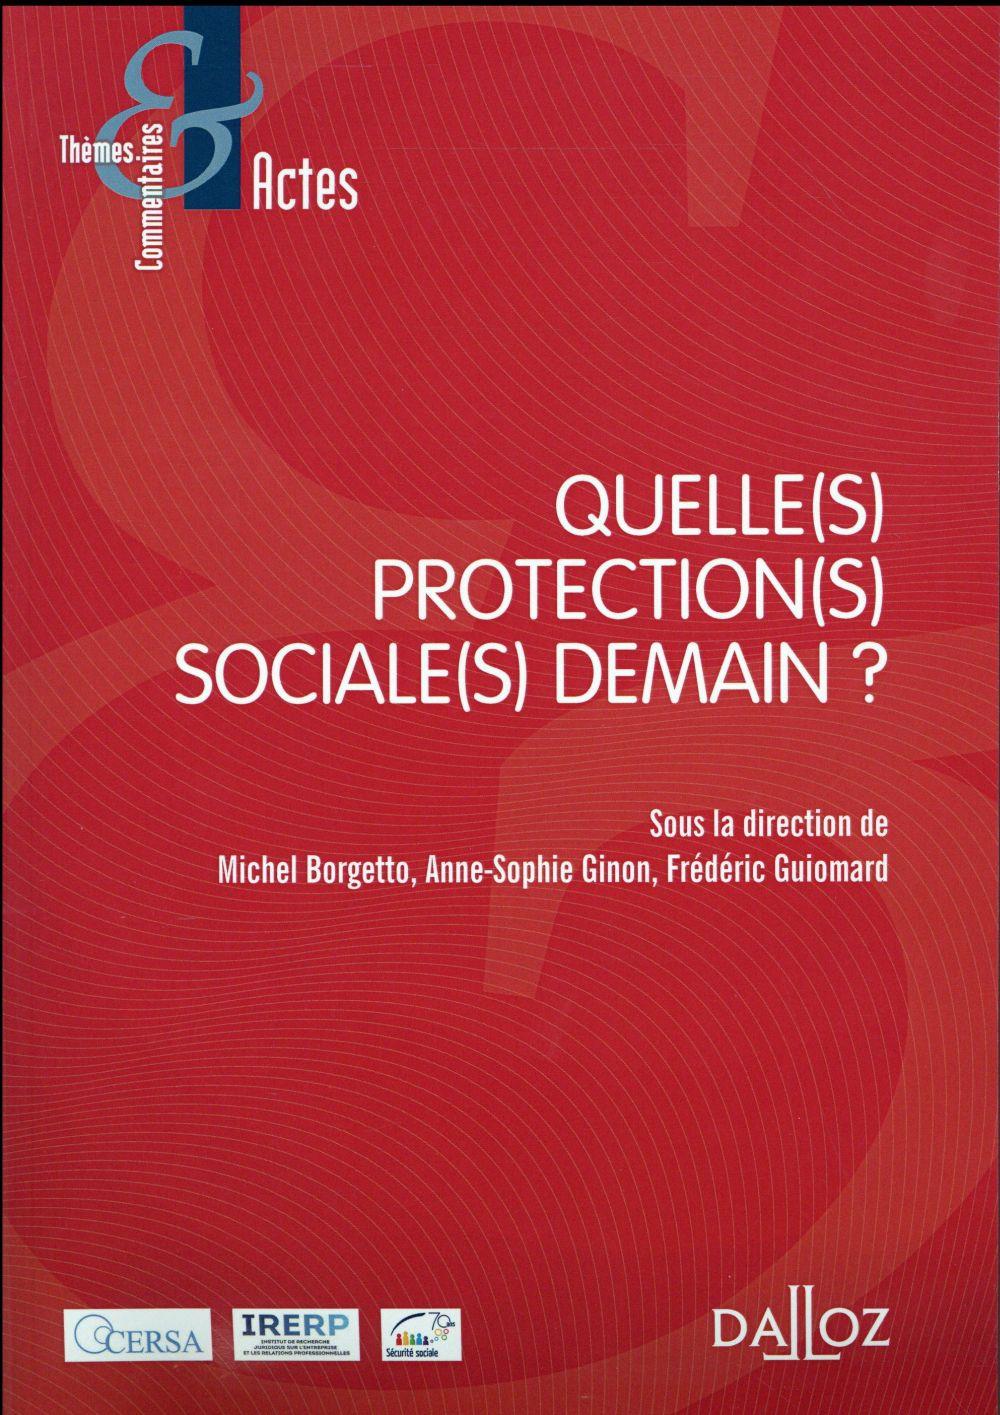 quelle protection sociale pour demain ?